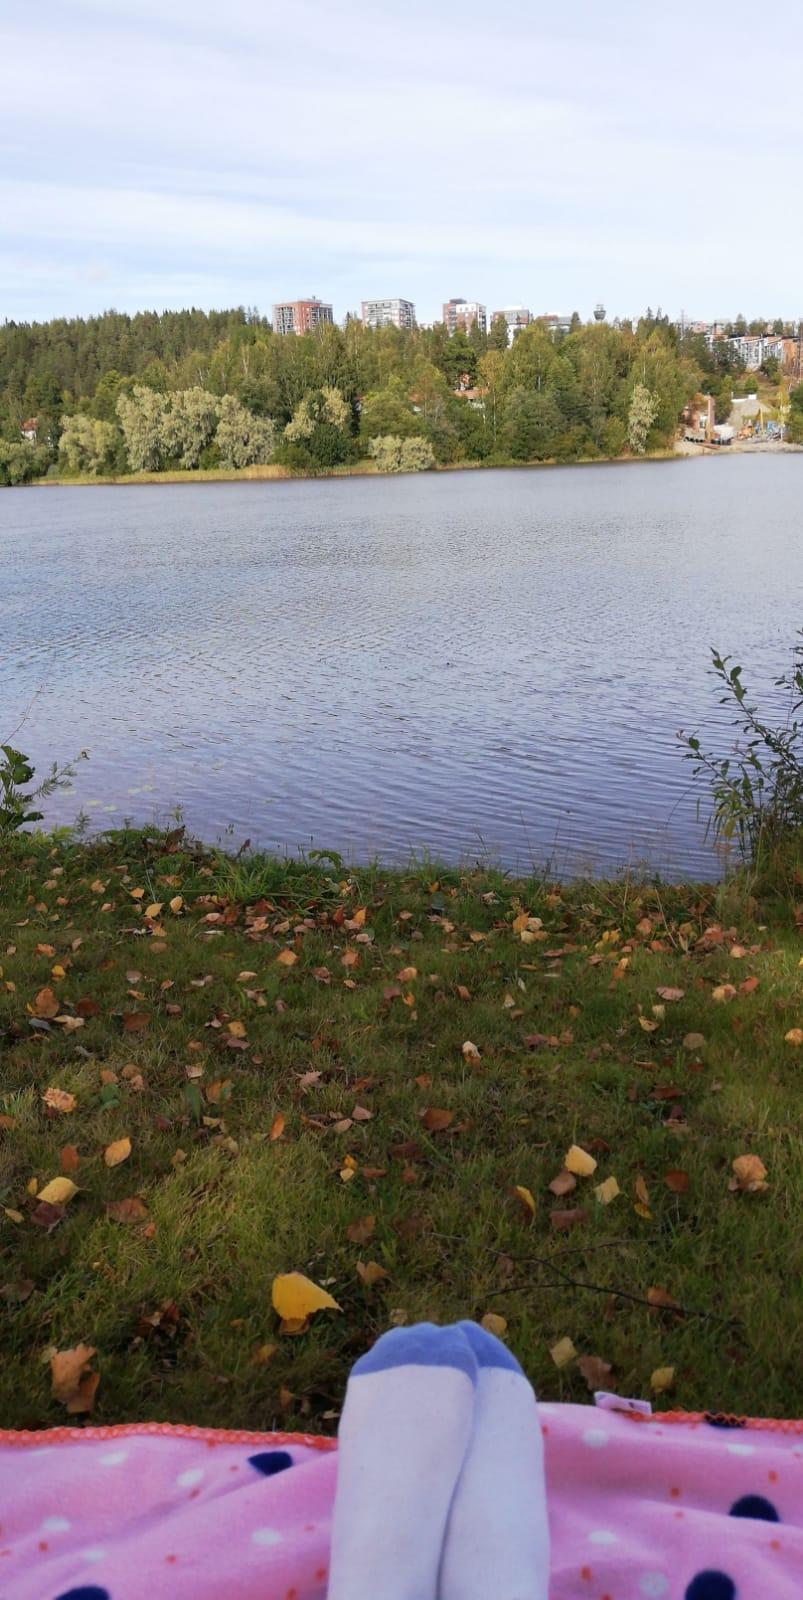 Yliopiston rantaa syksyllä, kuvassa piknikhuopa ja jalat